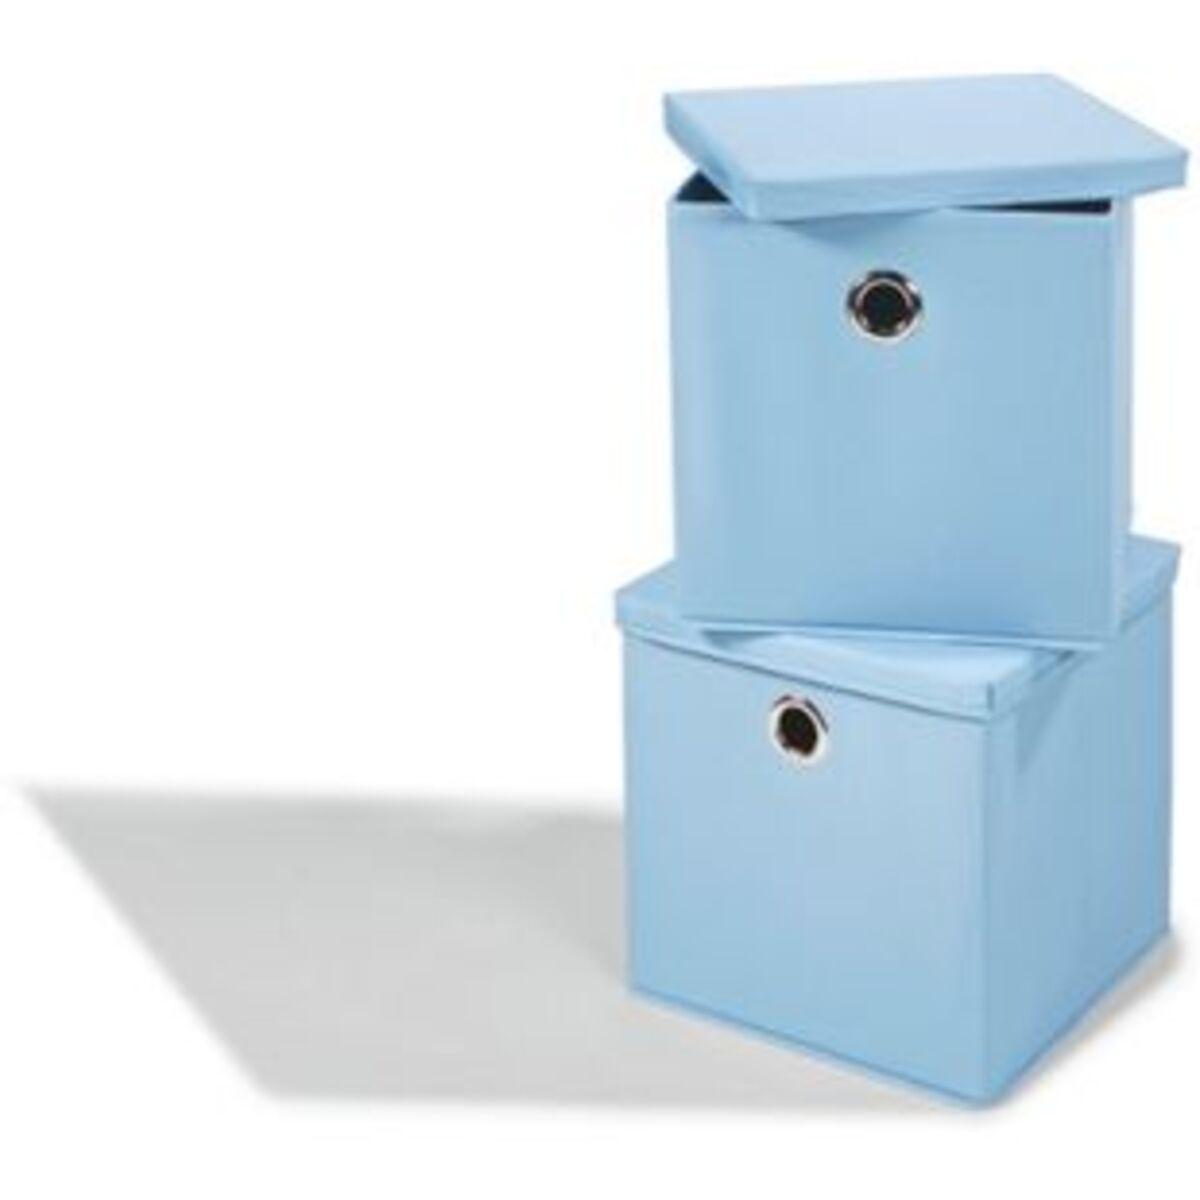 Bild 2 von Dekor Aufbewahrungsboxen, 2er Set - blau